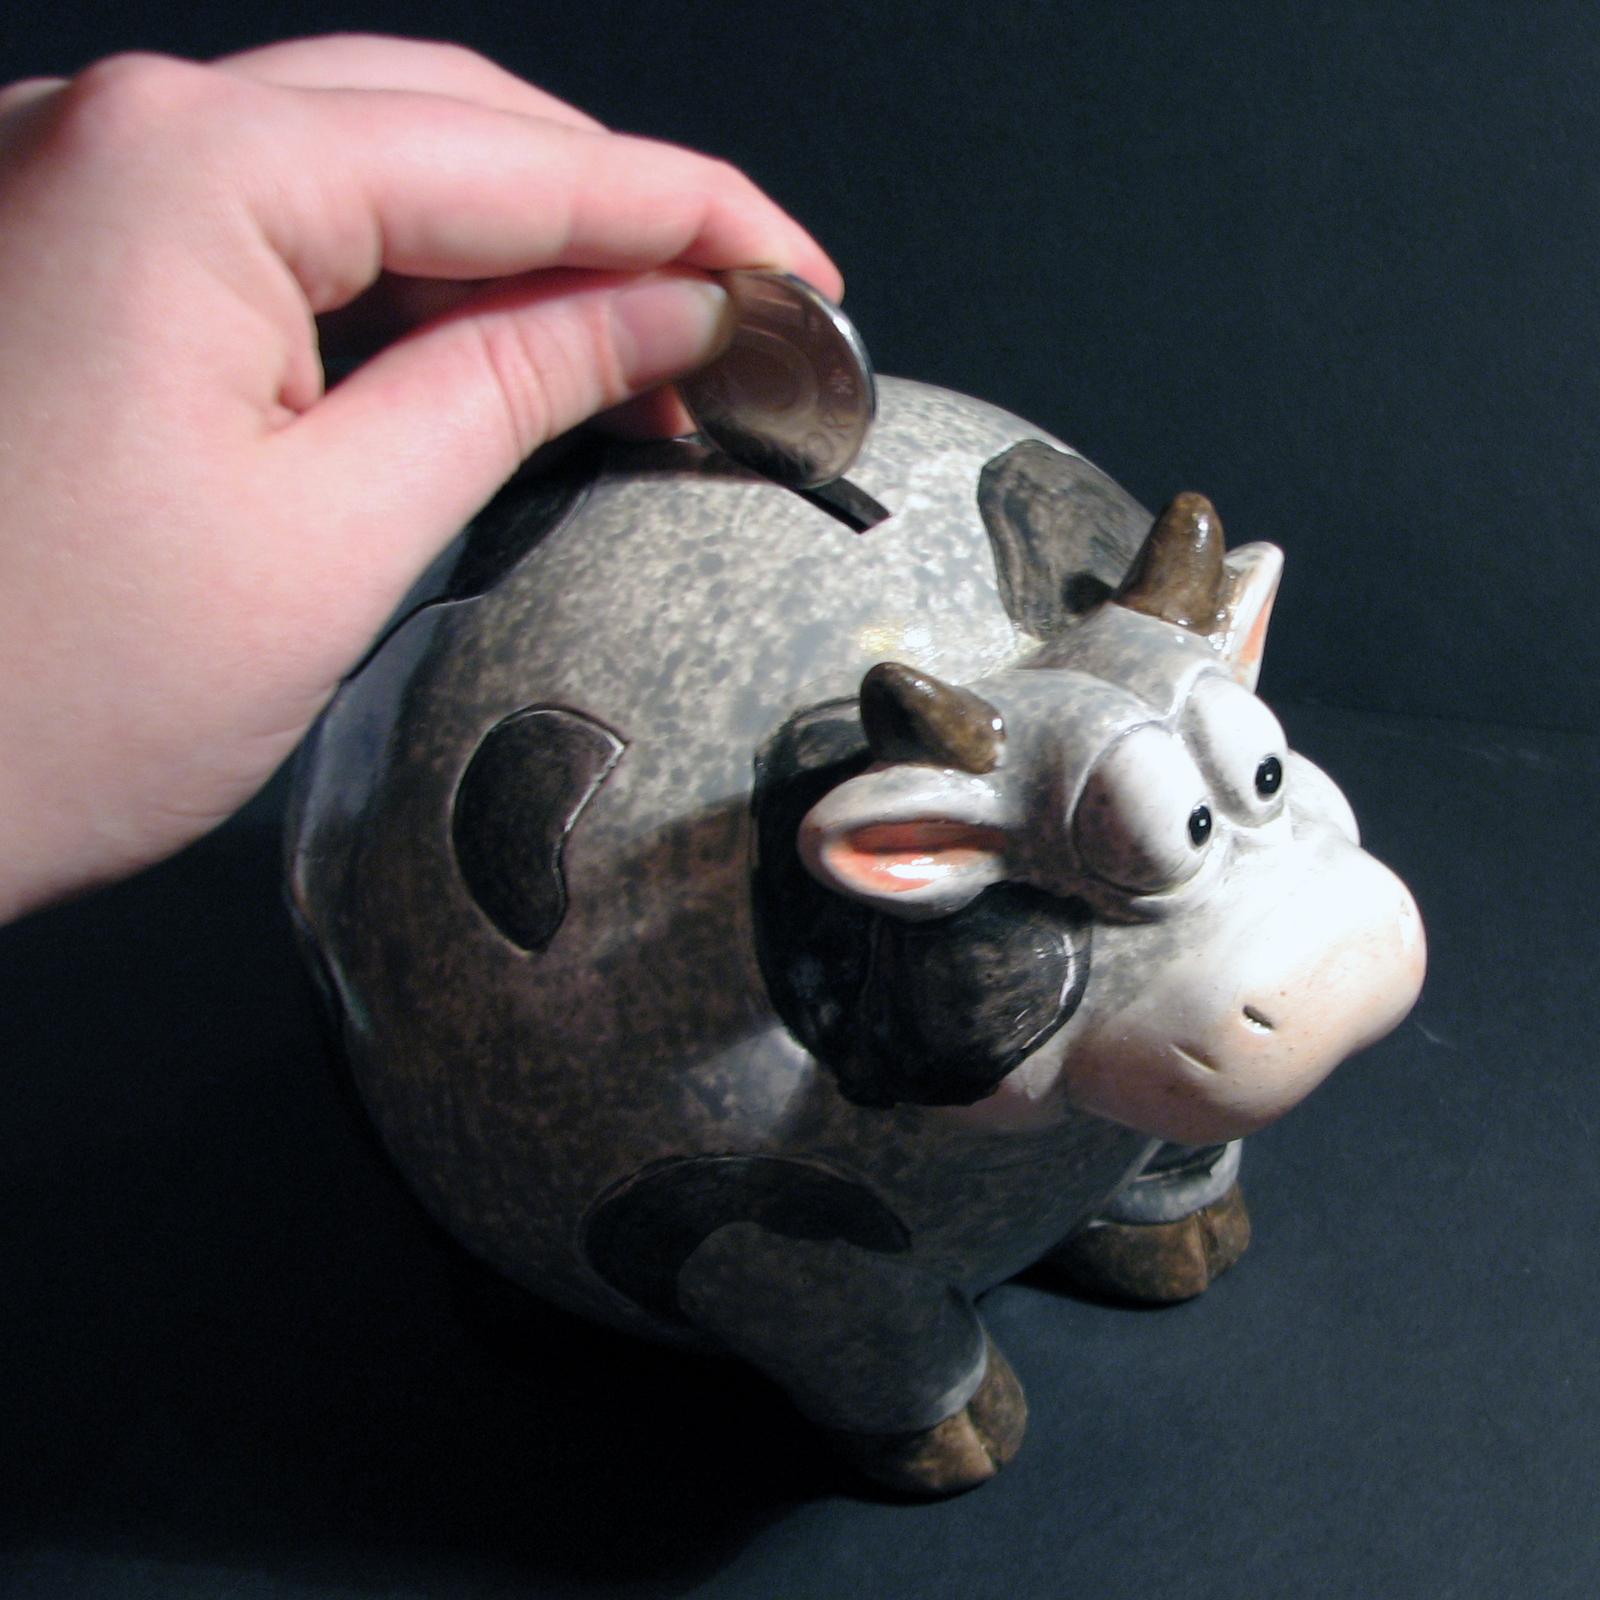 piggy-bank-1239661-1600x1600.jpg